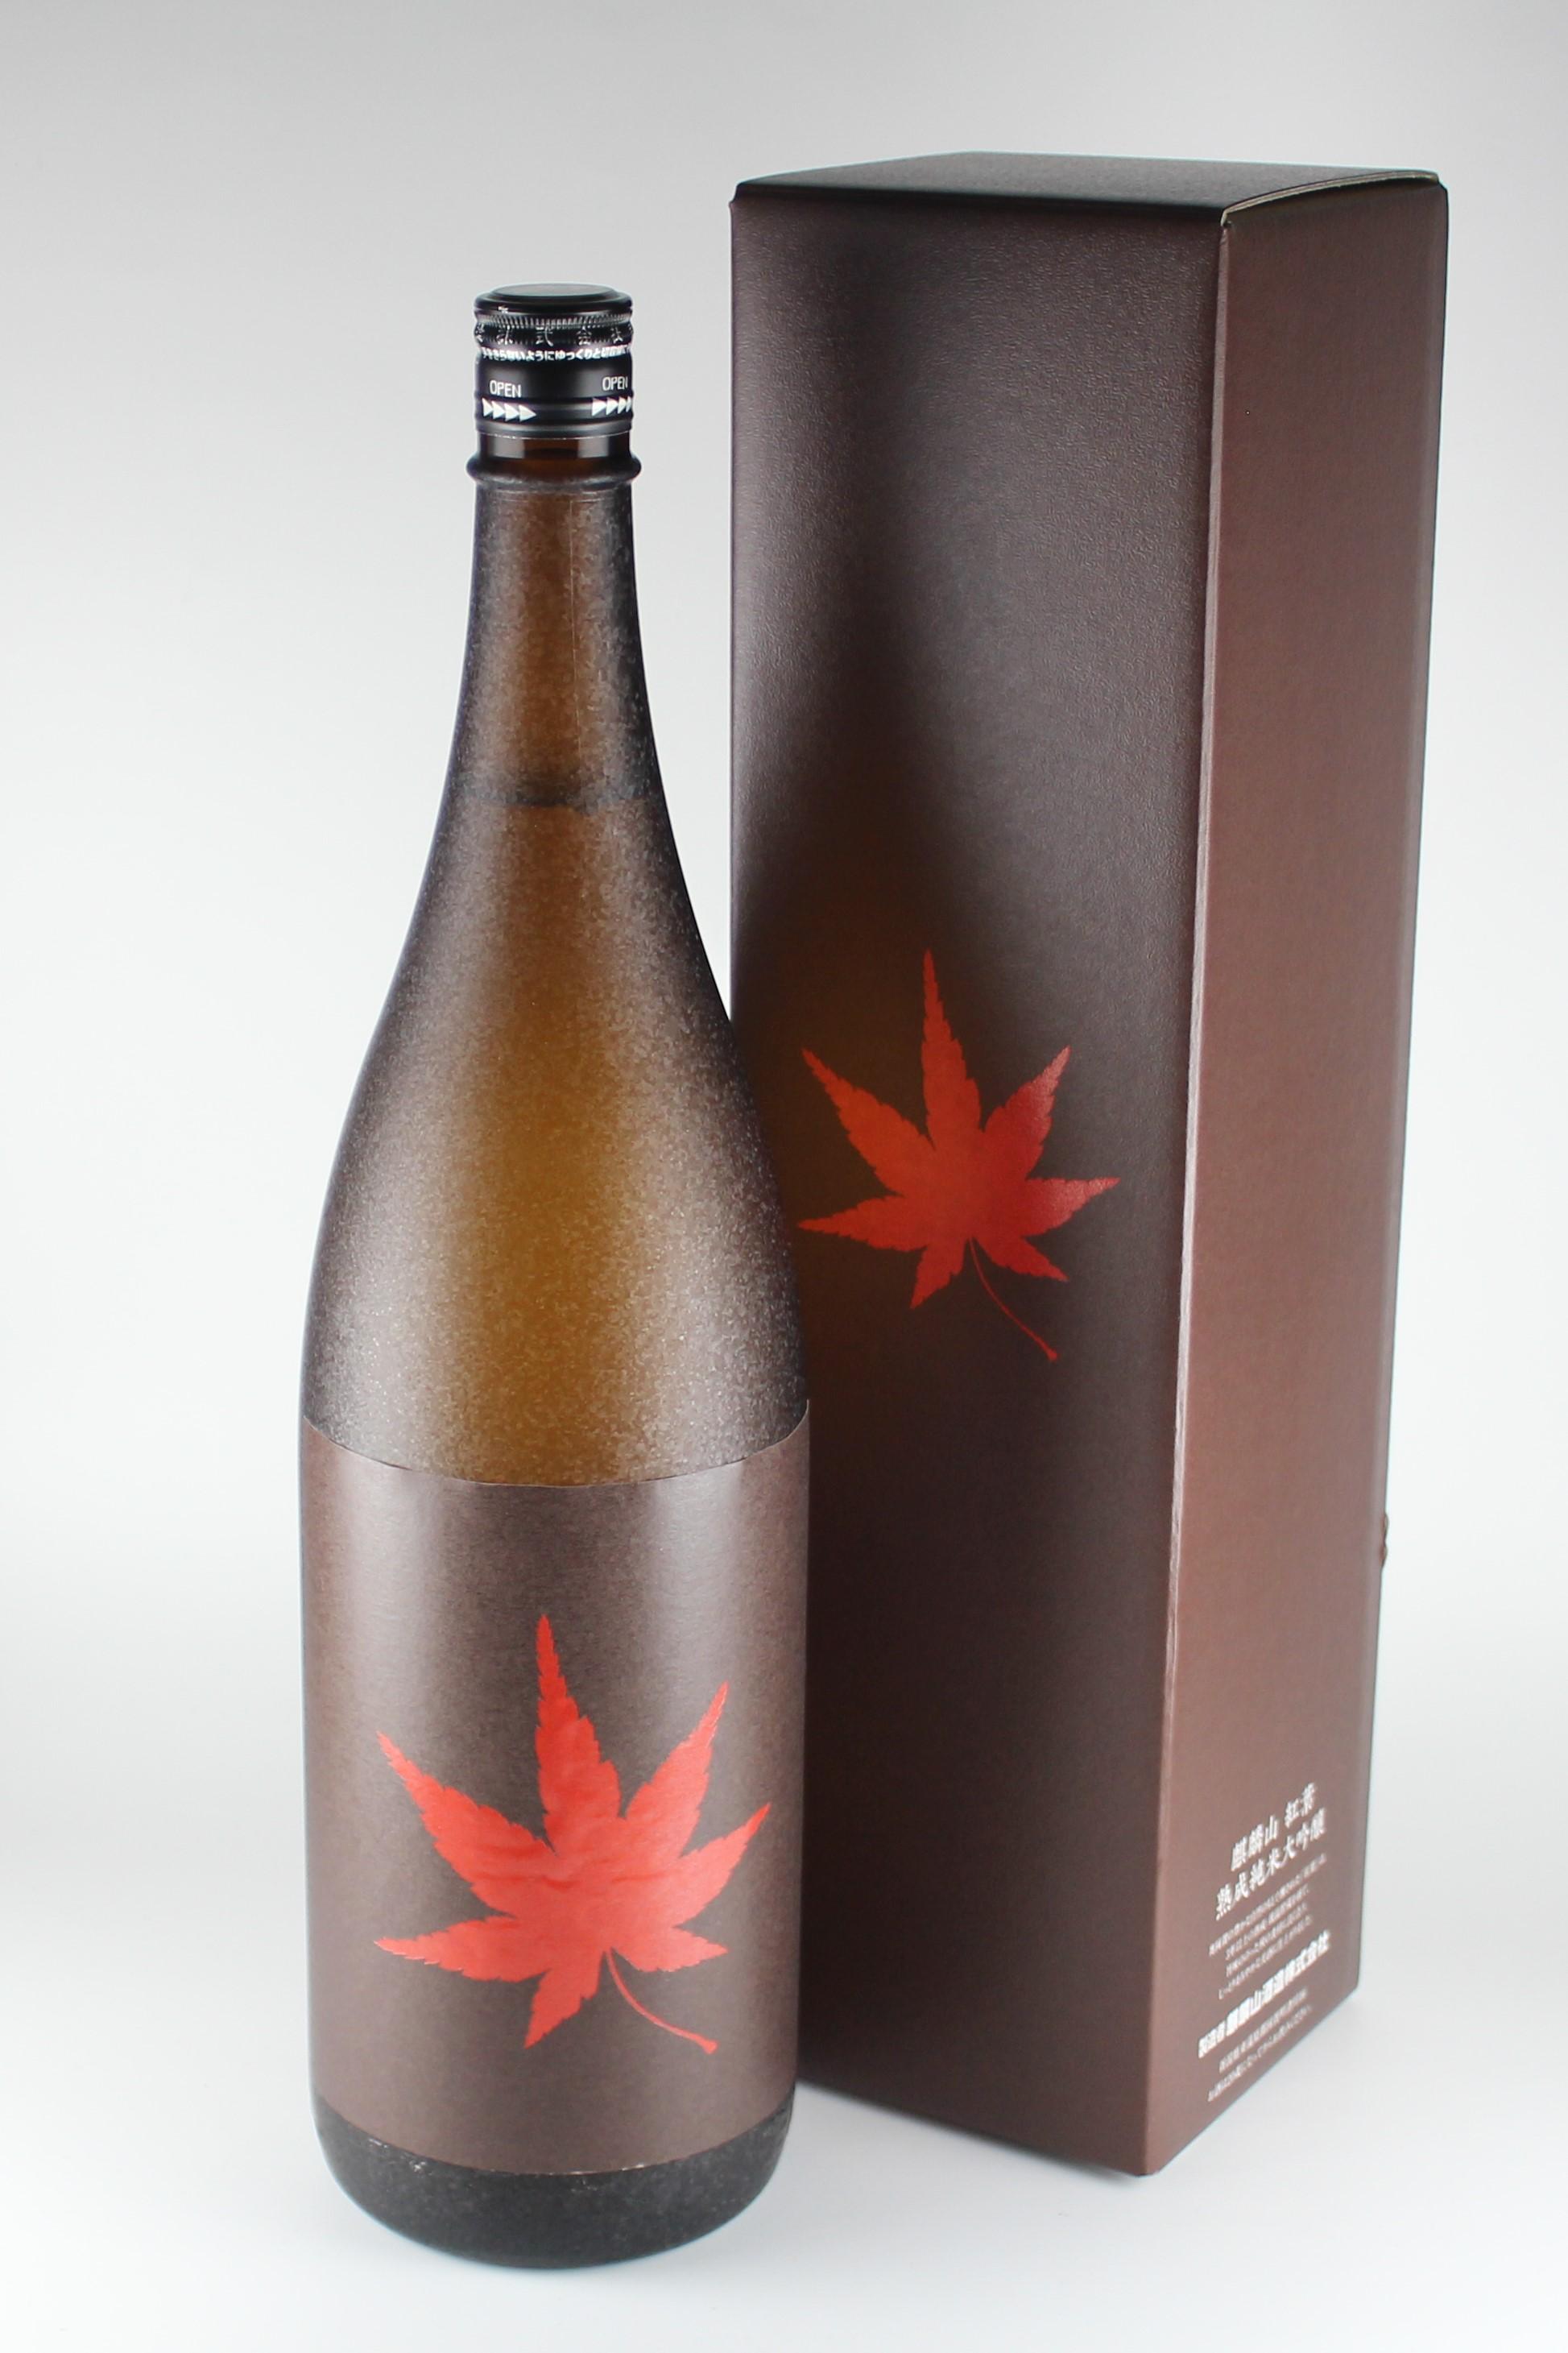 麒麟山 紅葉 長期熟成純米大吟醸 越淡麗 1800ml 【新潟/麒麟山酒造】